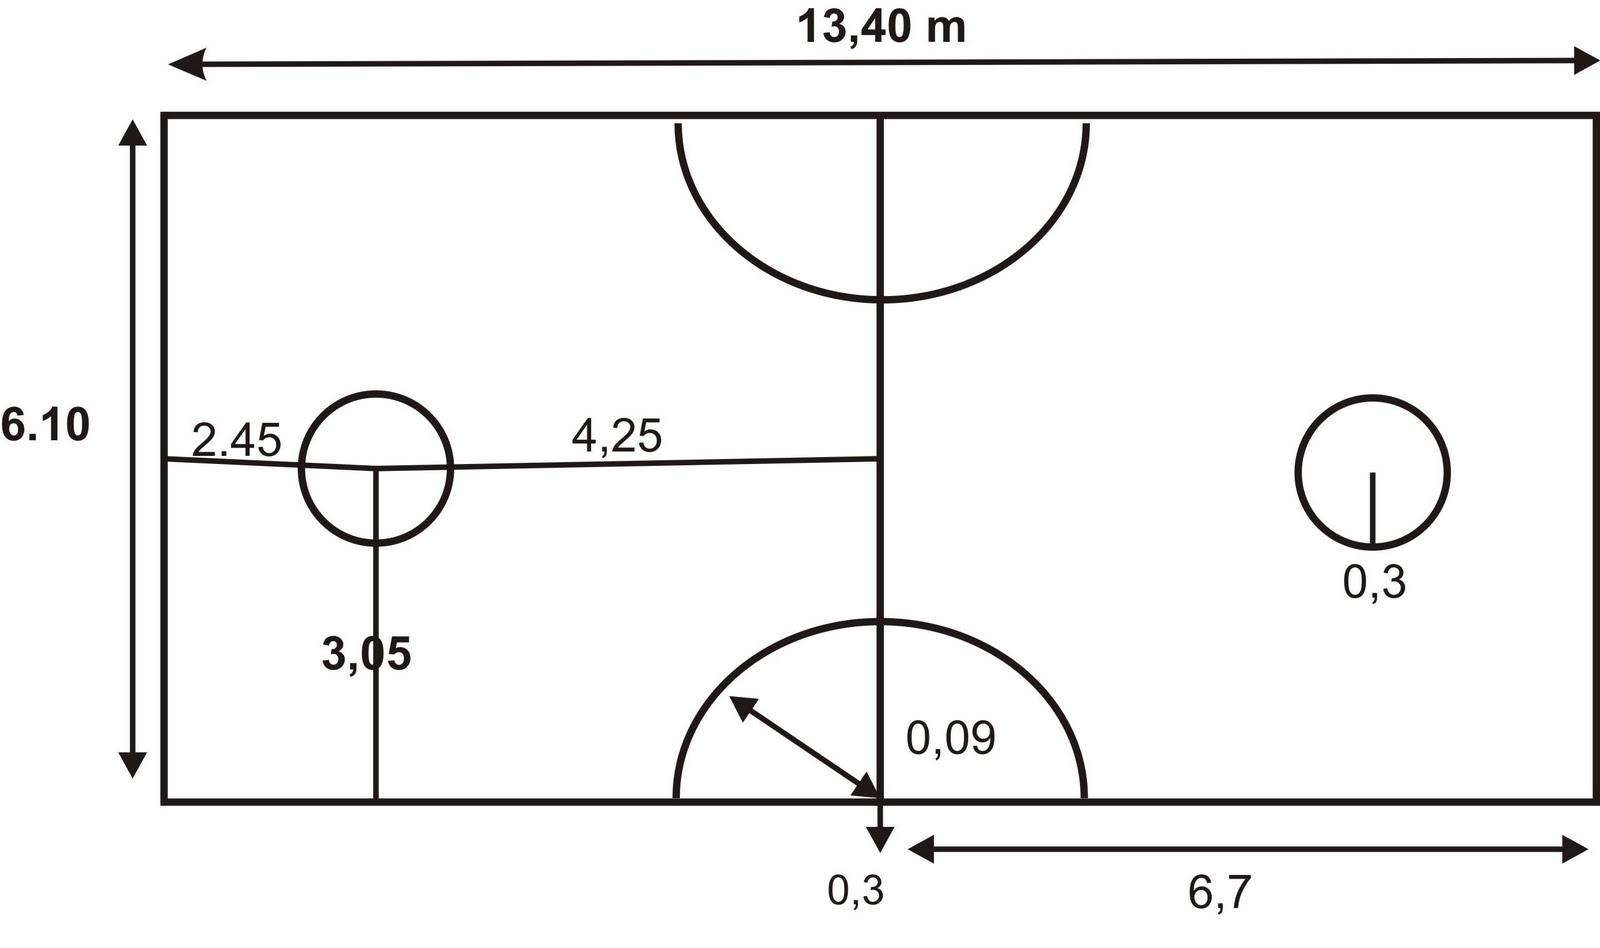 Lapangan Peraturan Dan Teknik Dasar Permainan Sepak Takraw Kajianpustaka Com